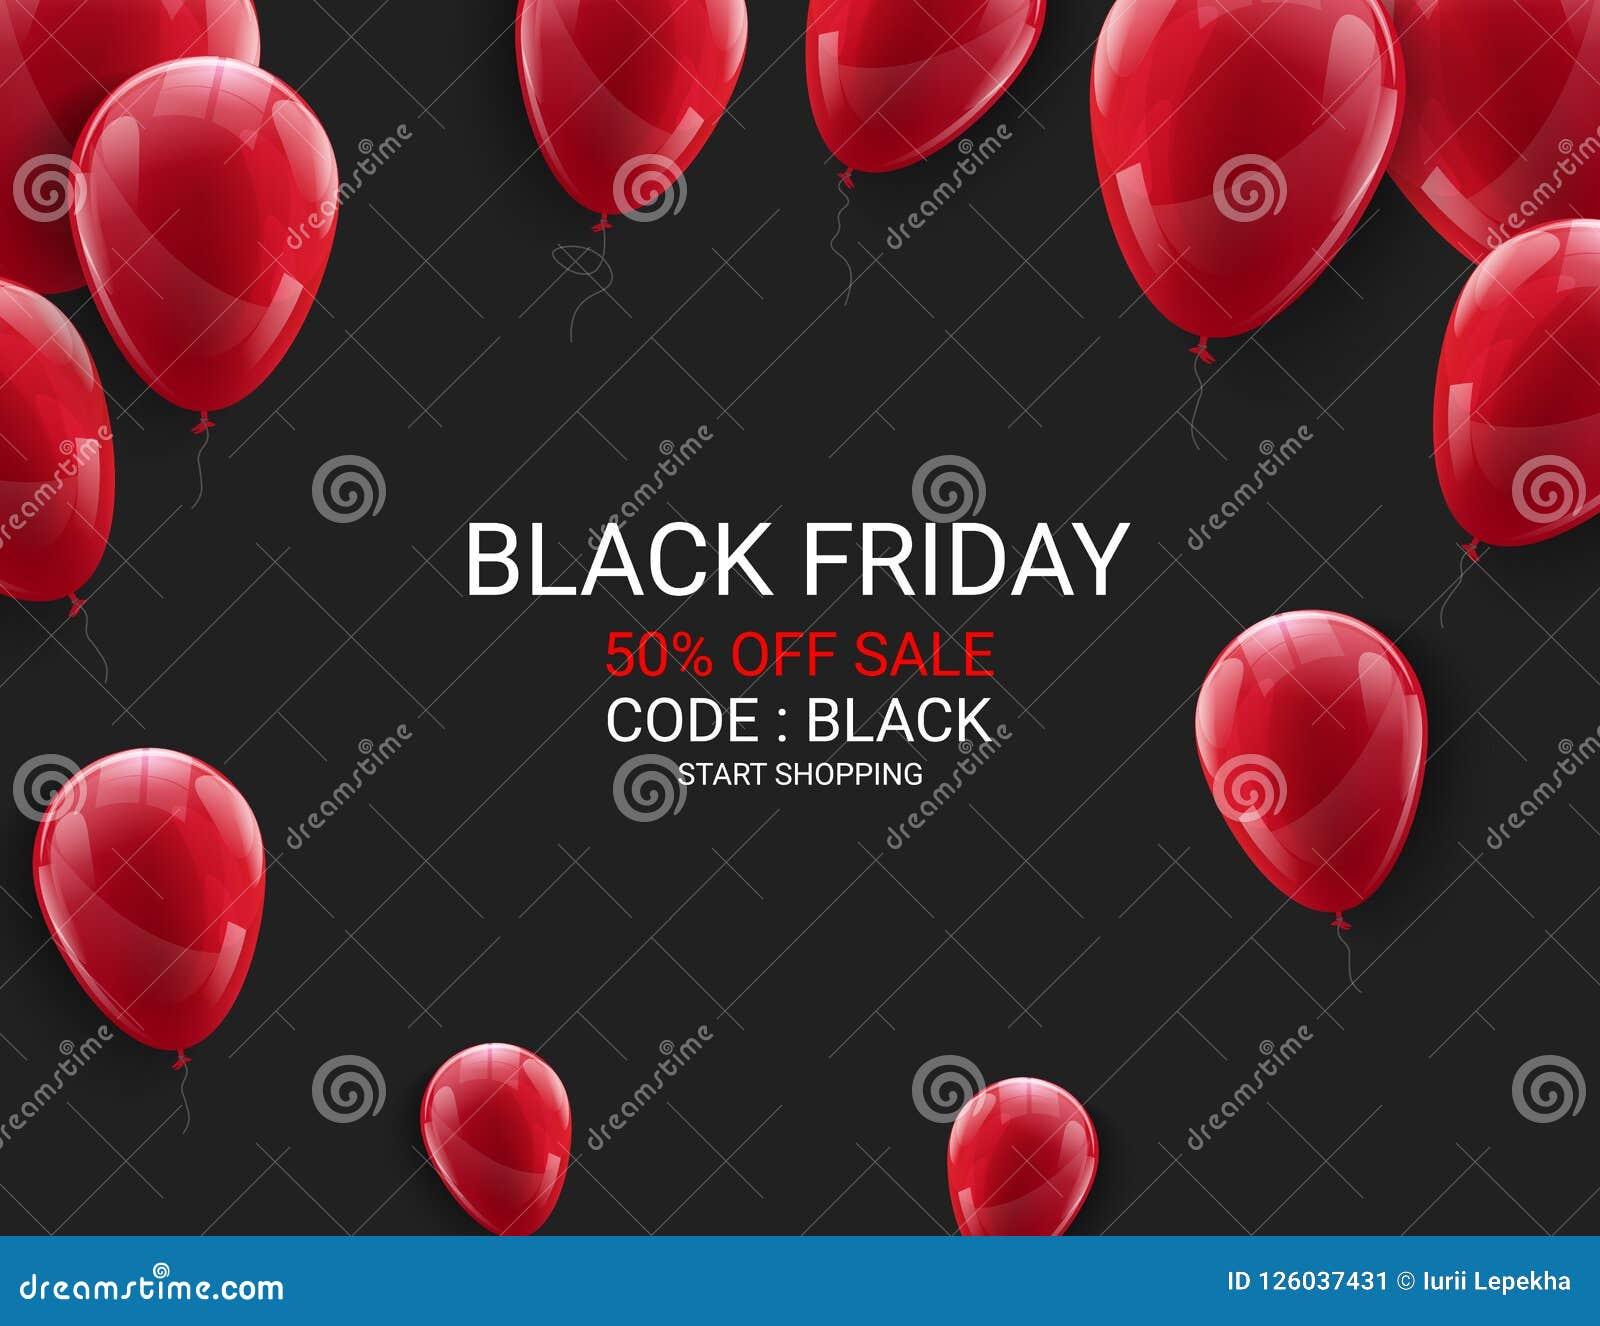 Black Friday-het malplaatje van de verkoopvlieger Donkere achtergrond met rode ballons voor seizoengebonden kortingsaanbieding Ve